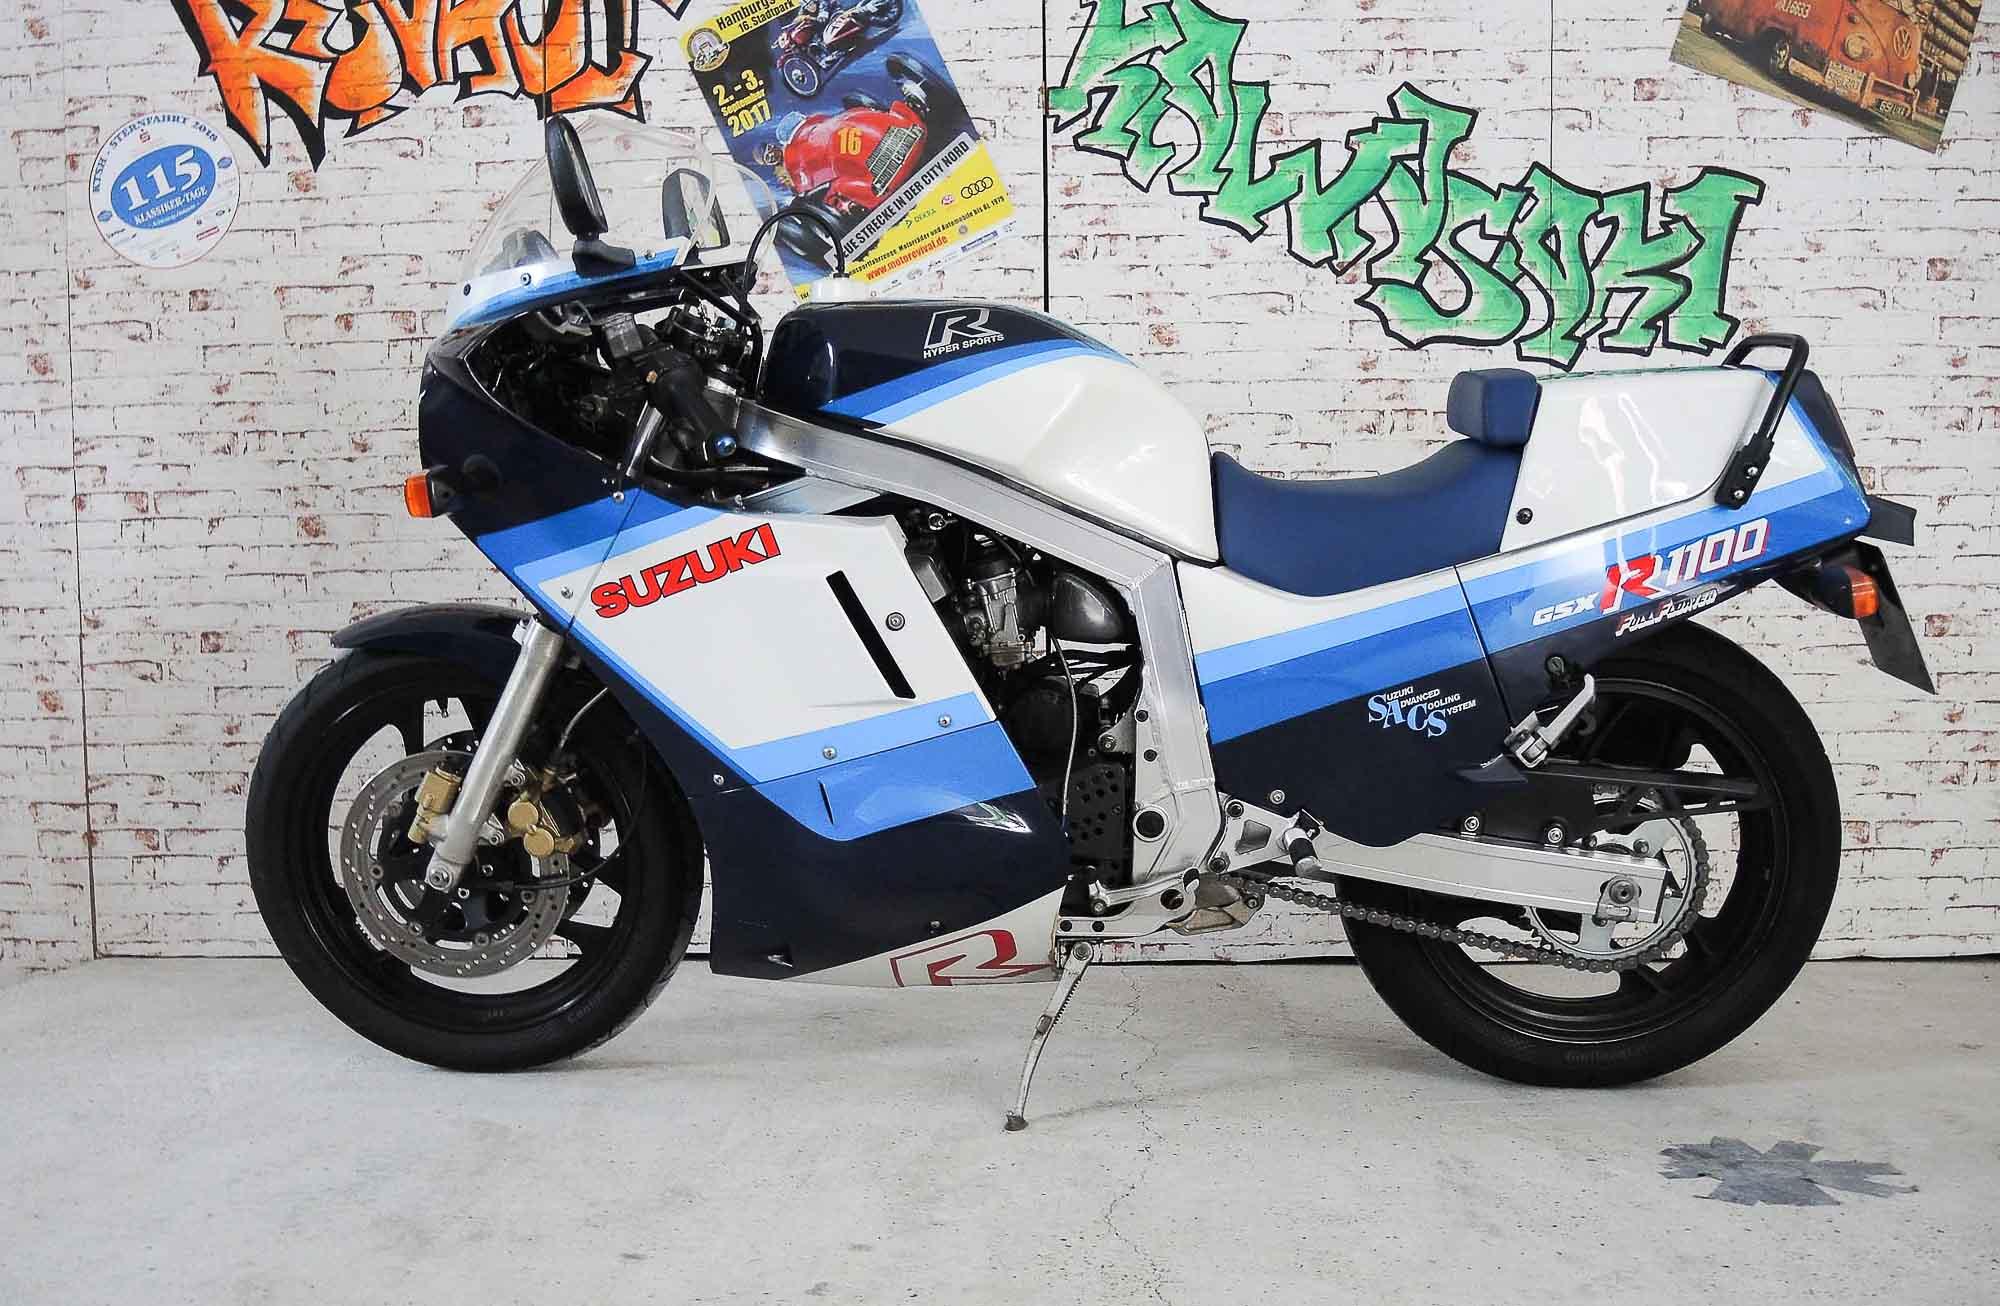 SUZUKI GSX-R 1100 (1985 - 1996)